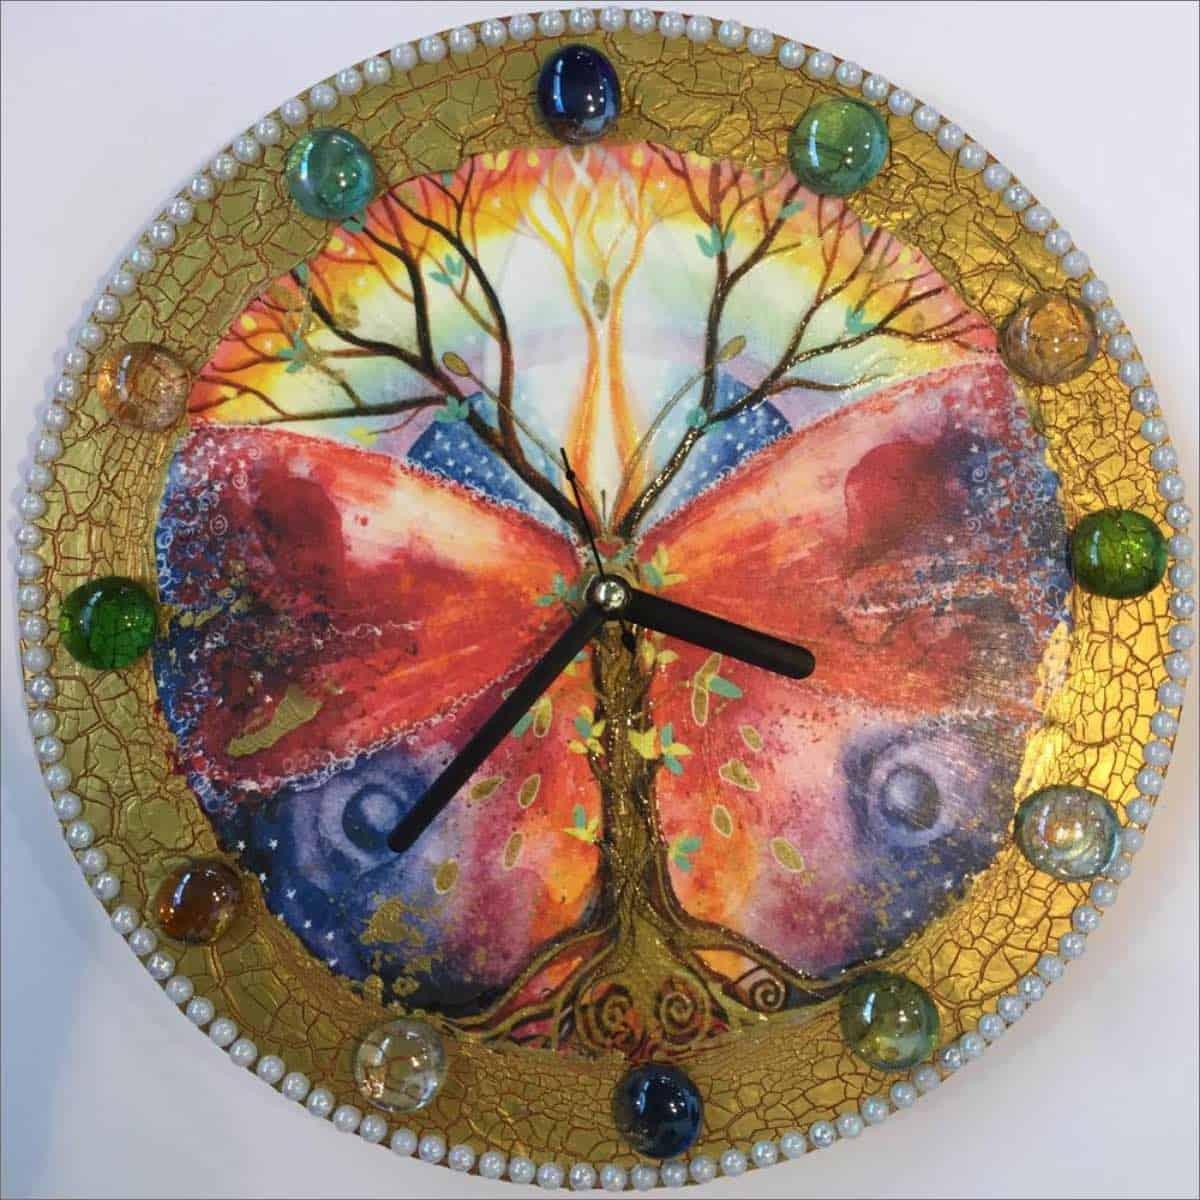 мк Часы на стекле «Стеклянное время» превью